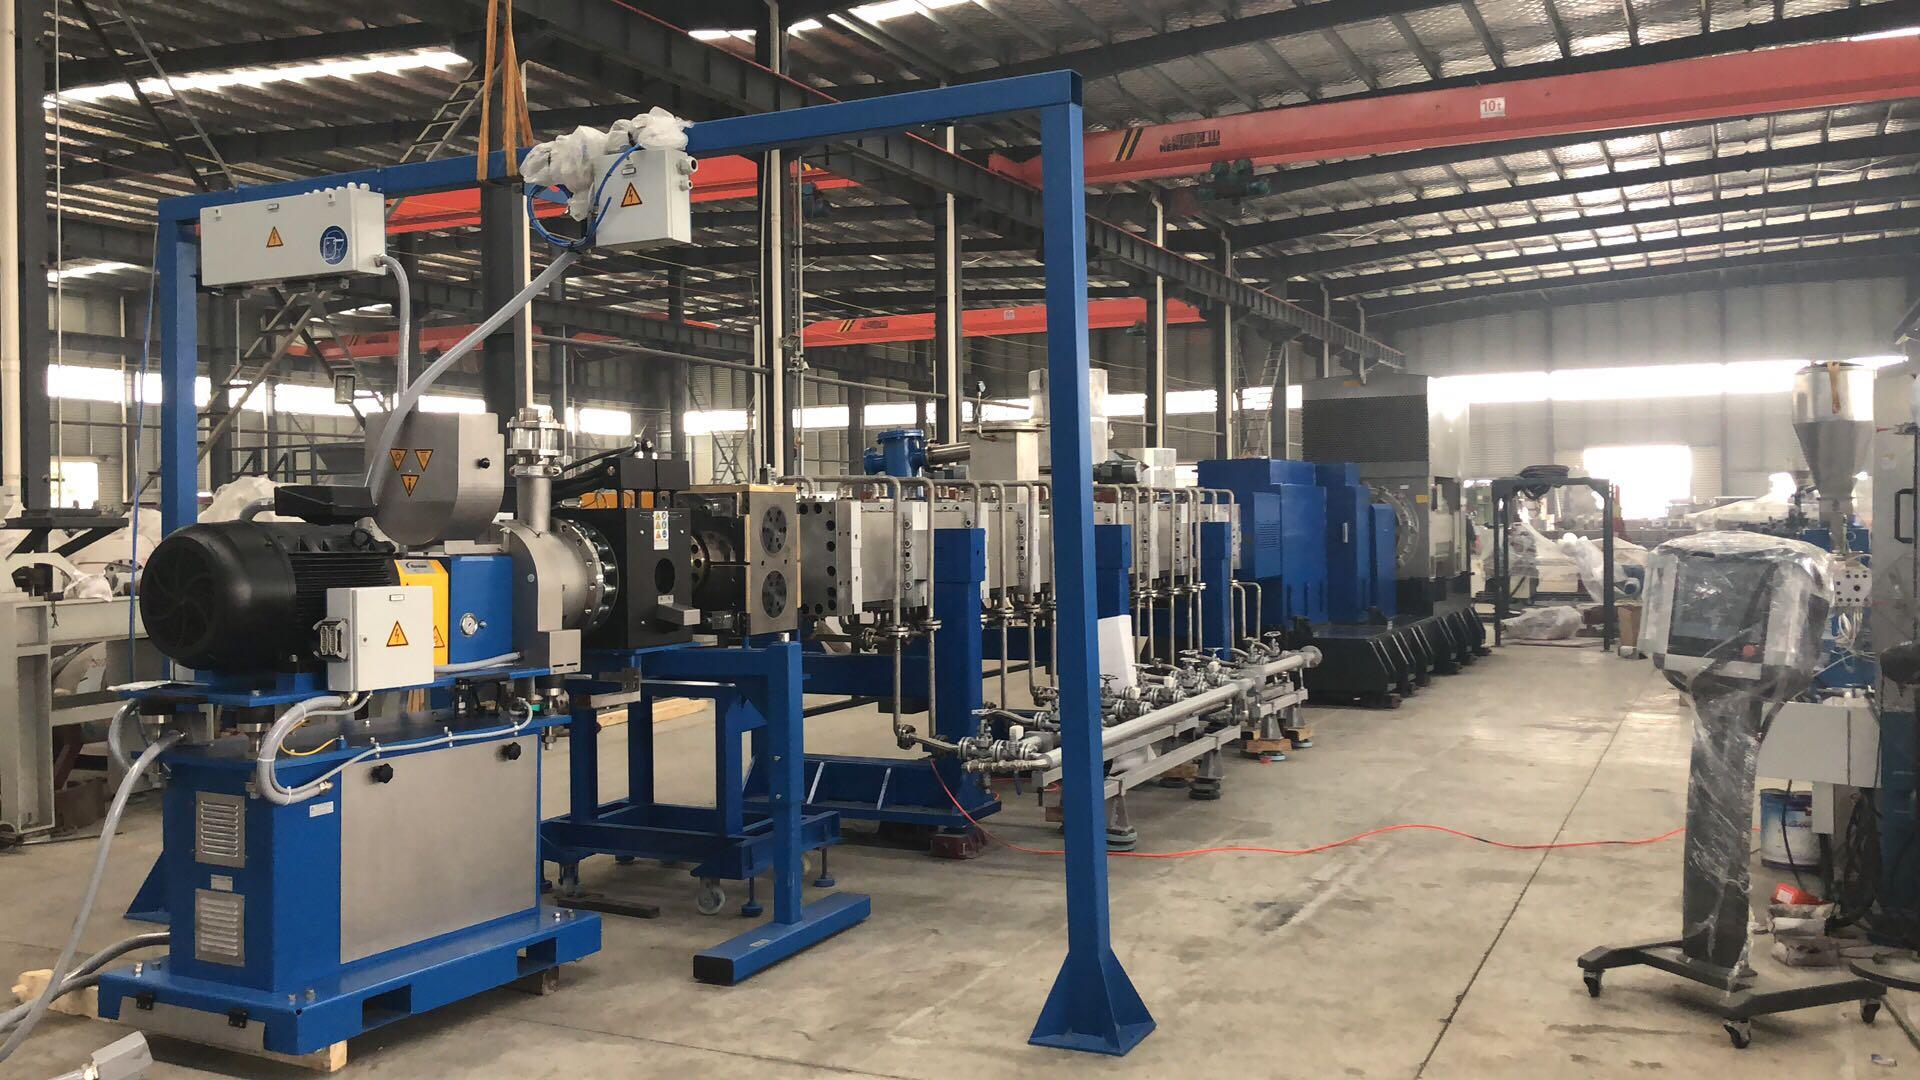 7万吨/年聚丙烯双螺杆挤出造粒机组顺利通过出厂验收